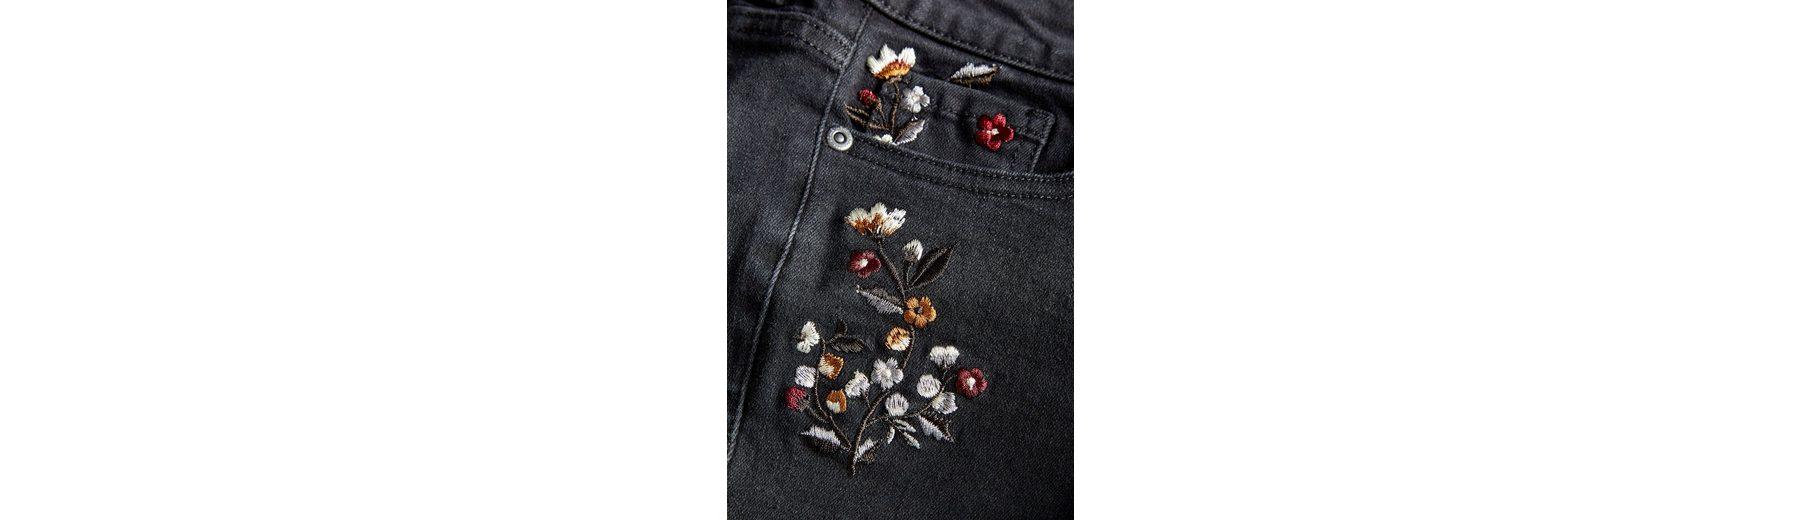 Jeans mit mit Blumenstickerei mit Next Next Blumenstickerei Jeans mit Blumenstickerei Jeans Next Blumenstickerei Jeans Next qB6tvw8Ww